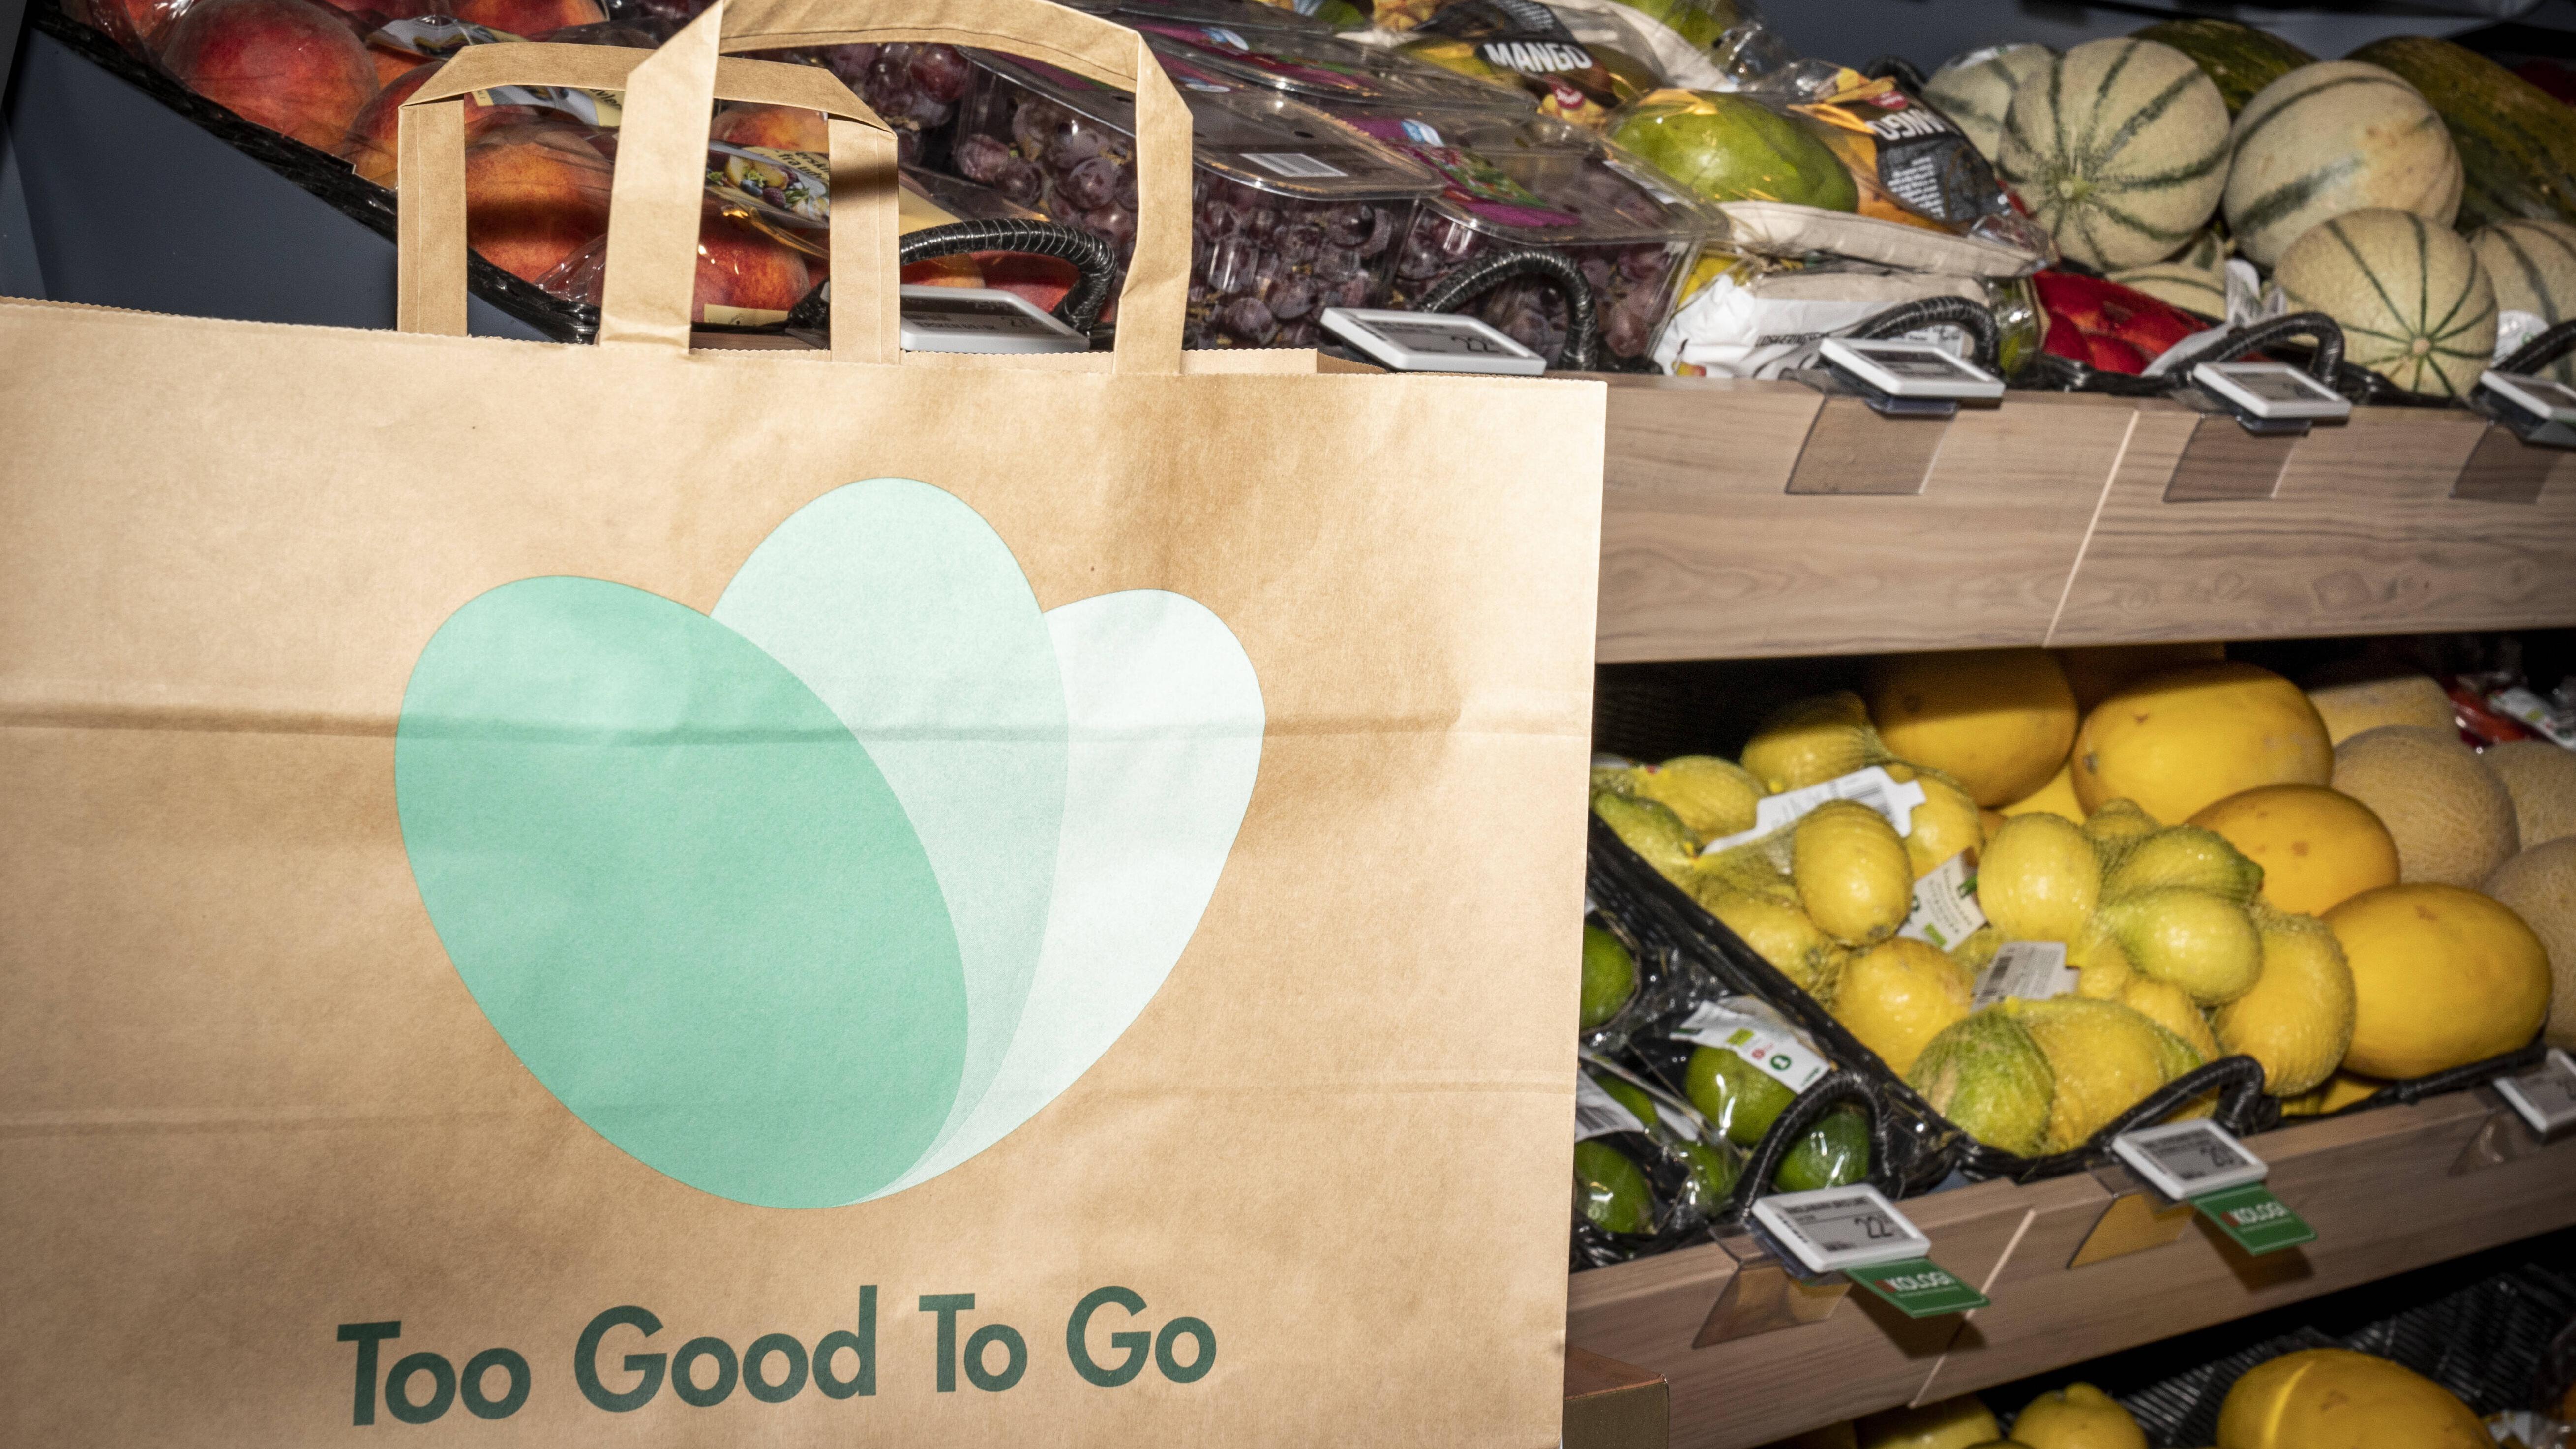 Das Angebot der App Too Good To Go ist in vielen deutschen Städten präsent